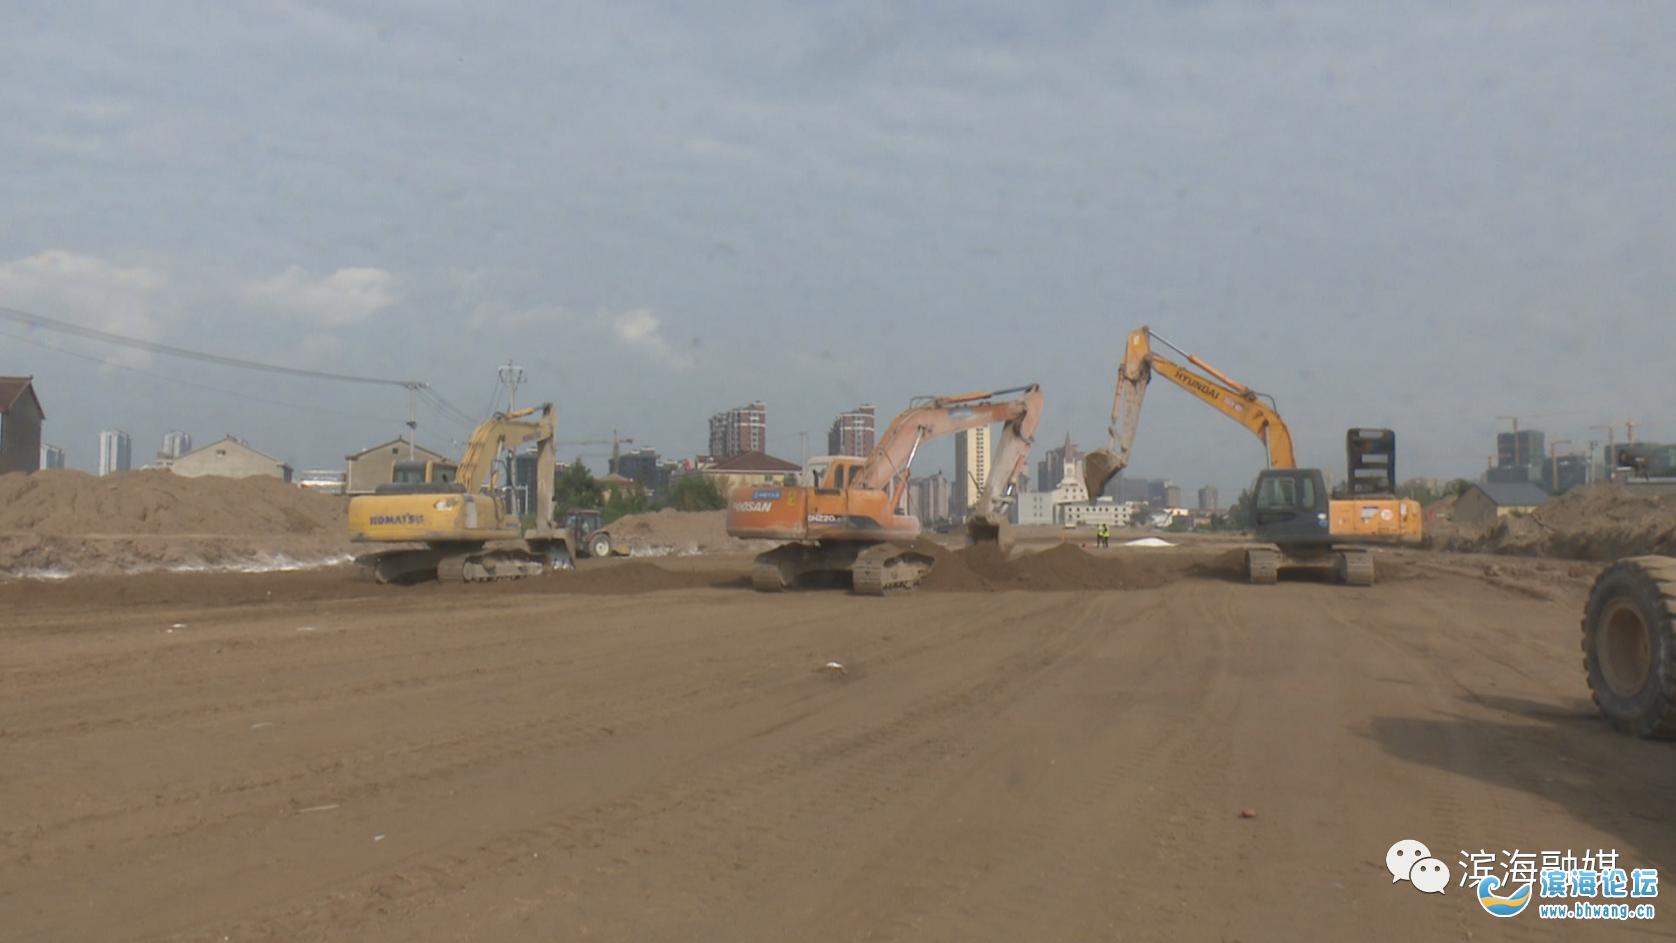 大提速!滨海交通重点工程建设快马加鞭……